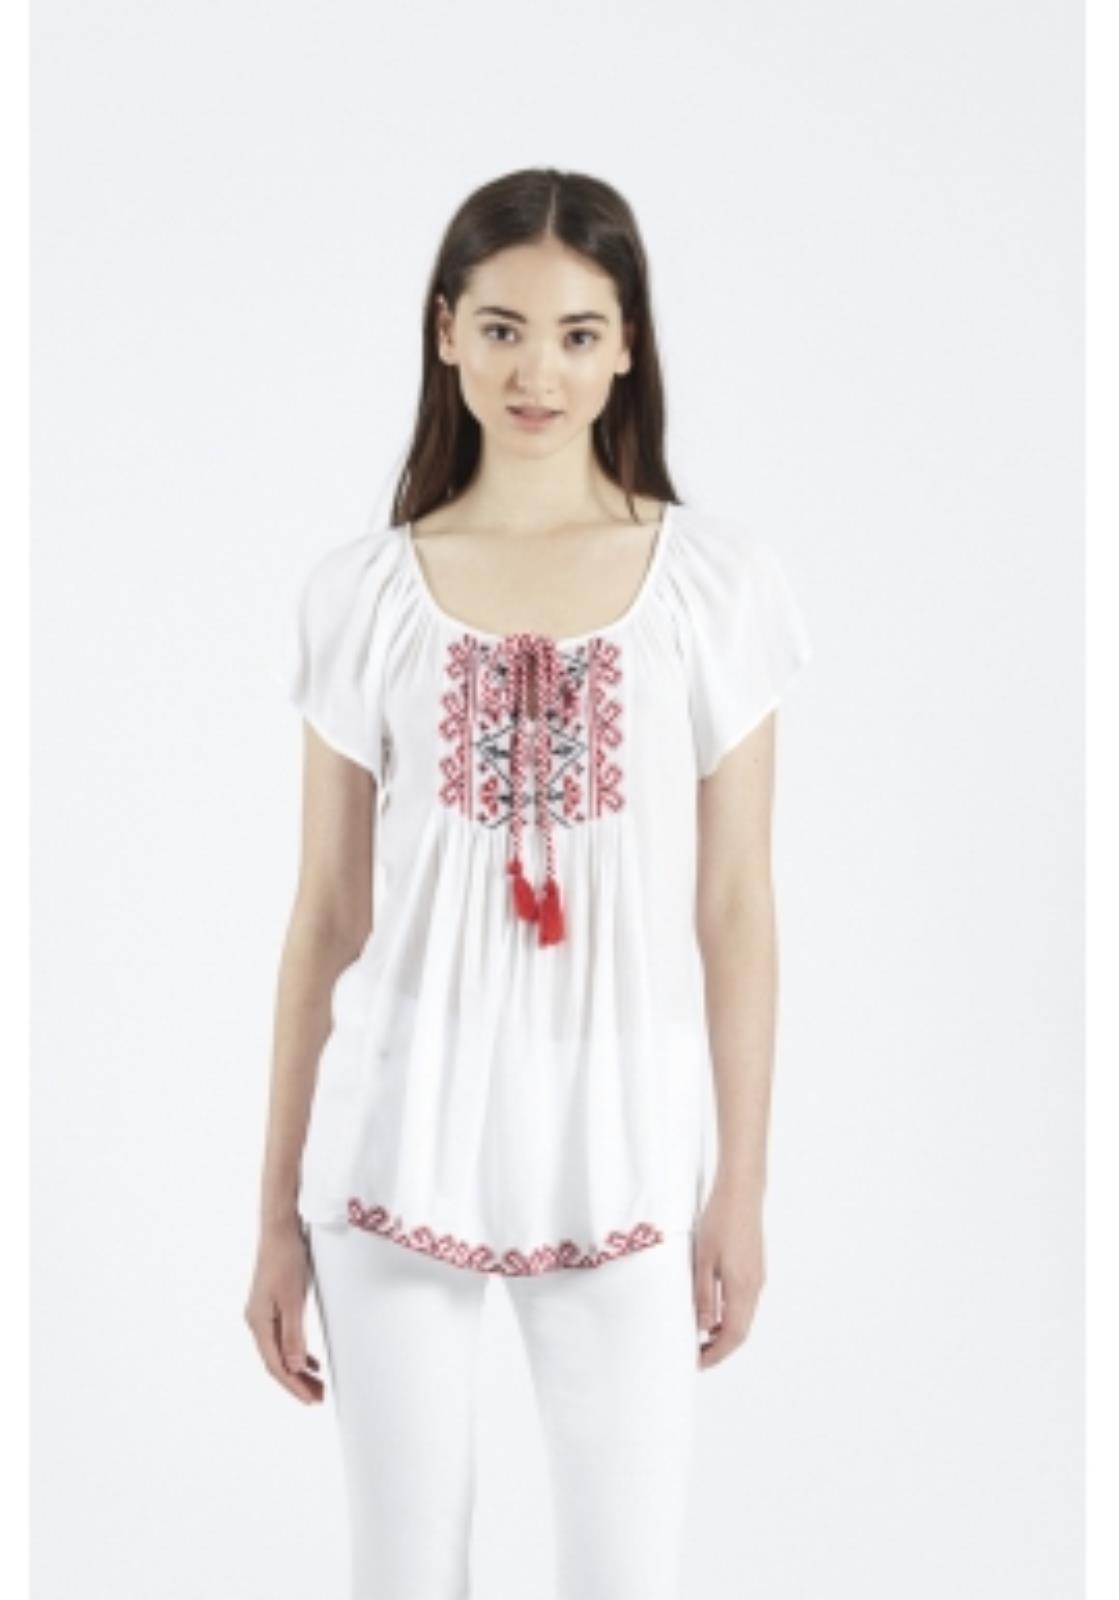 d54190f94dbf Compañía Fantástica Casacca   Shop online